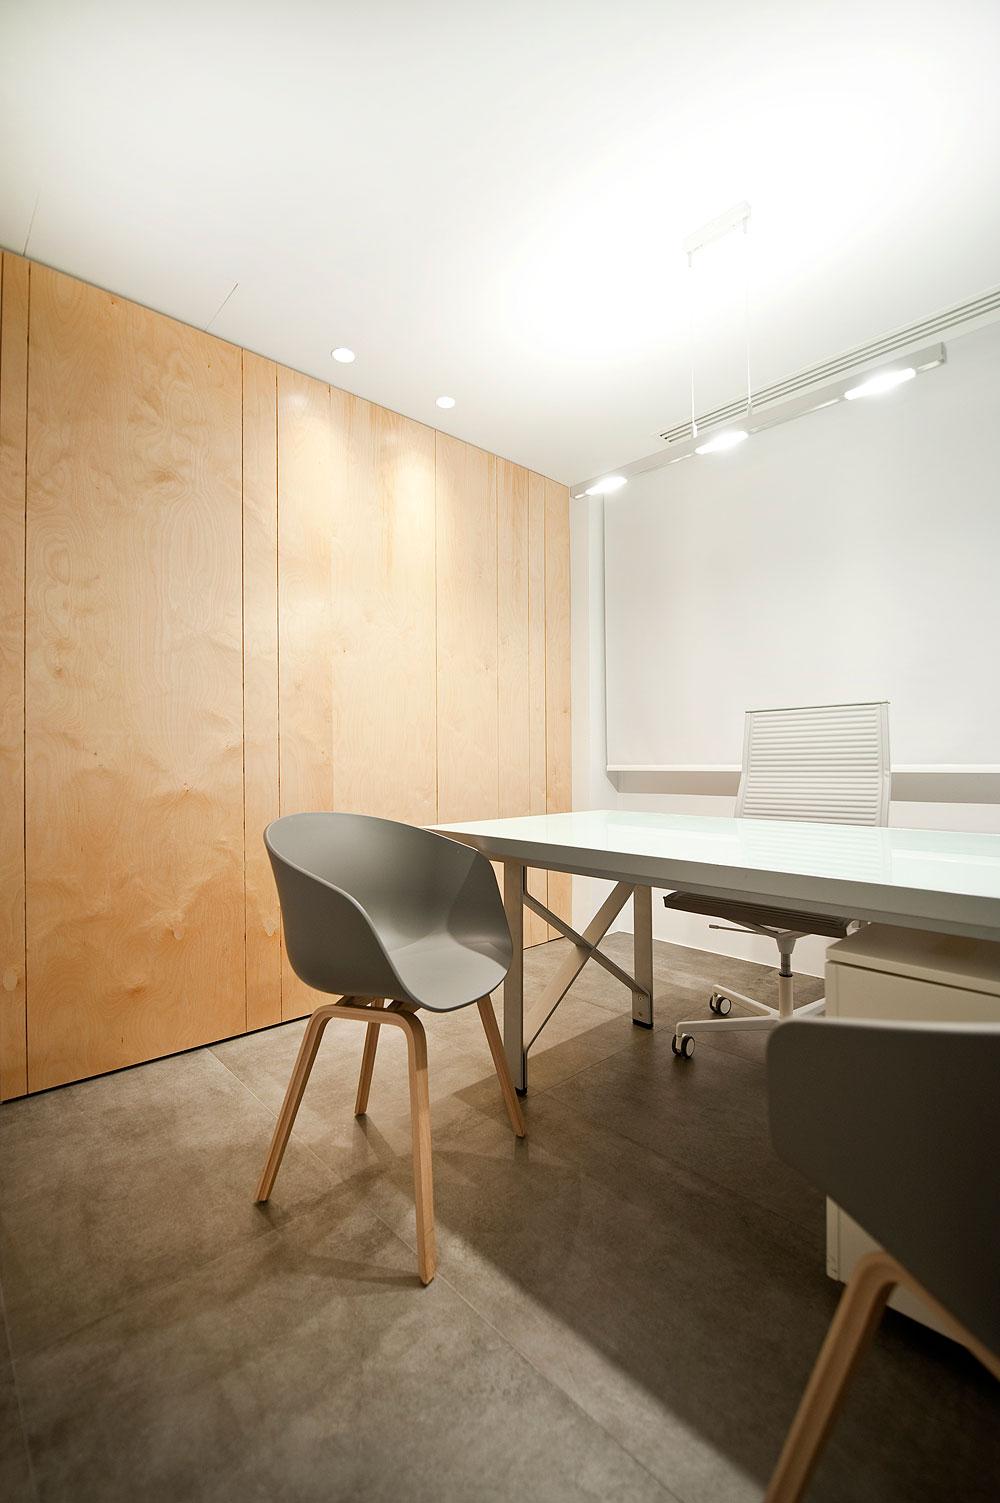 consultorio-medico-tesalonica-mal-vi-architects (19)